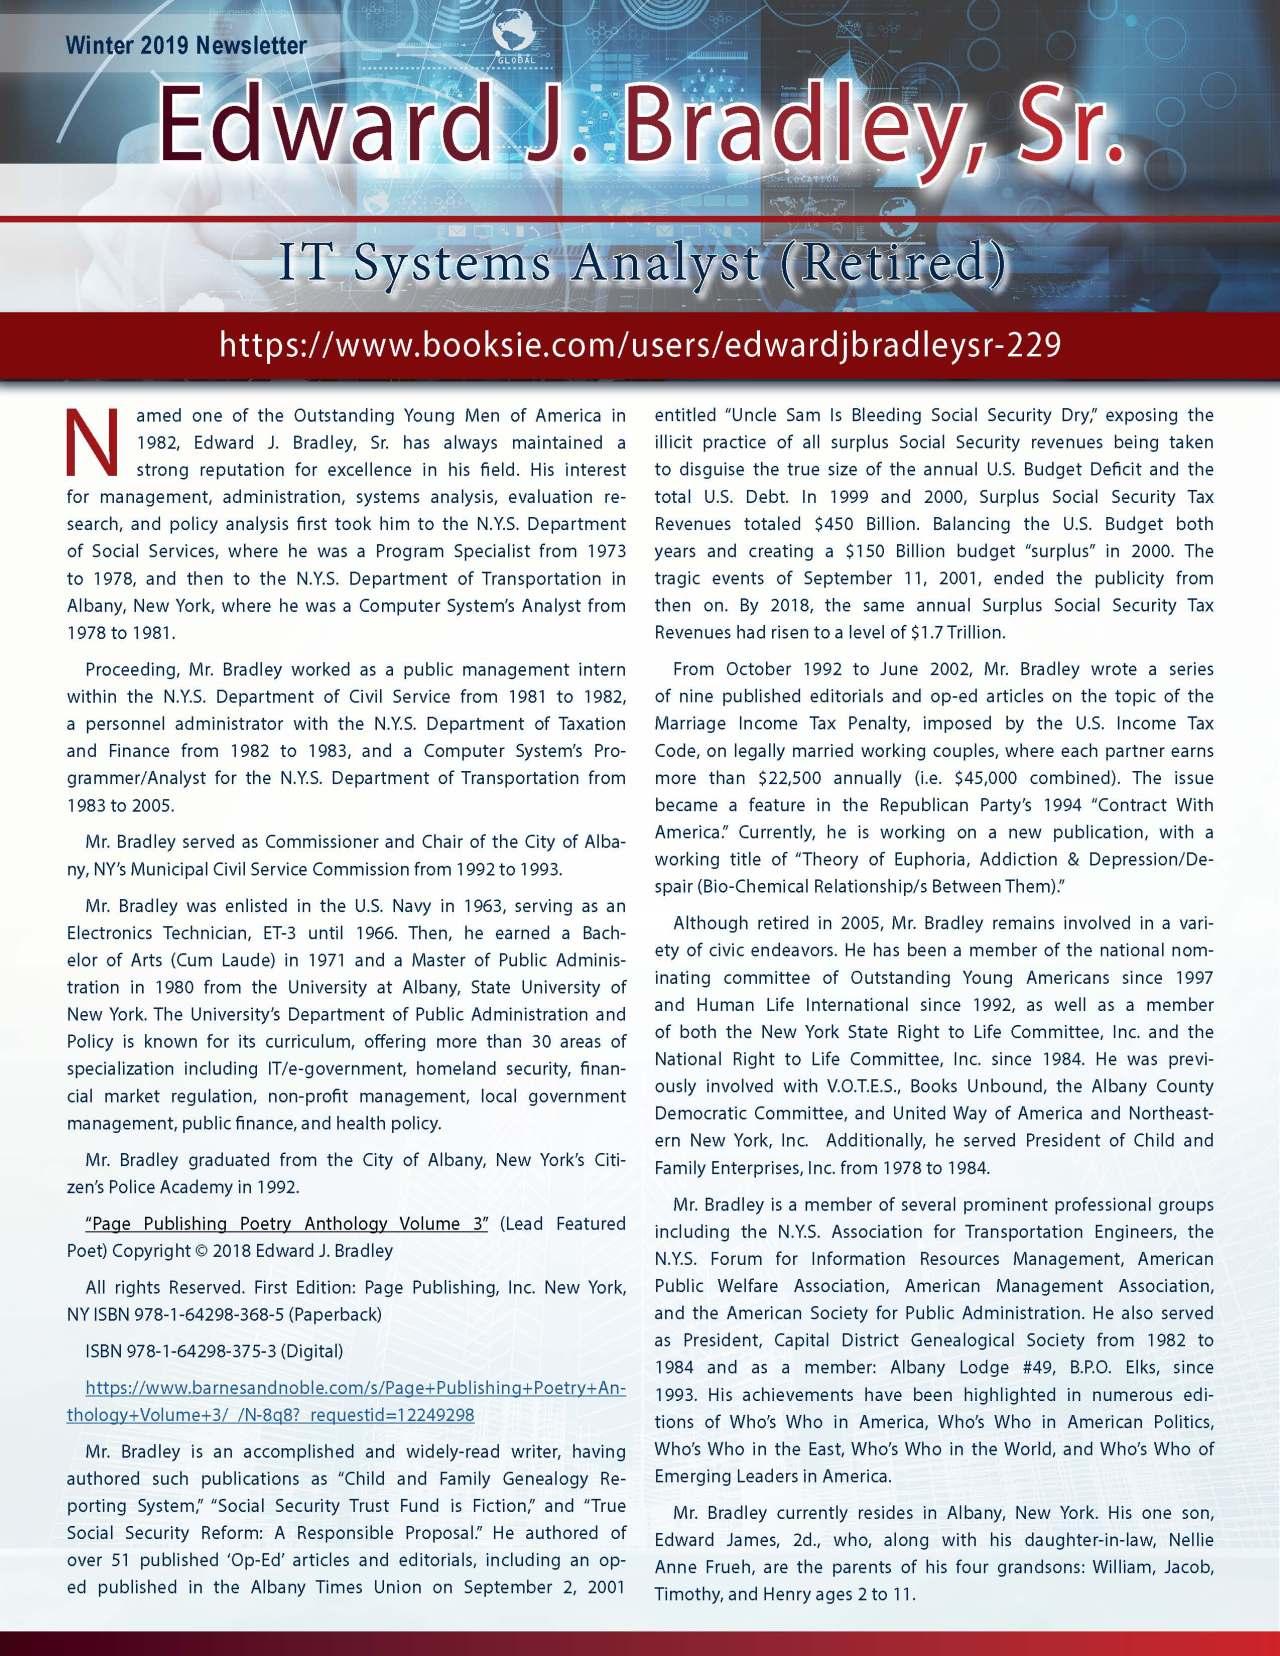 Bradley, Edward 2253754_2949529 Newsletter REVISED.jpg